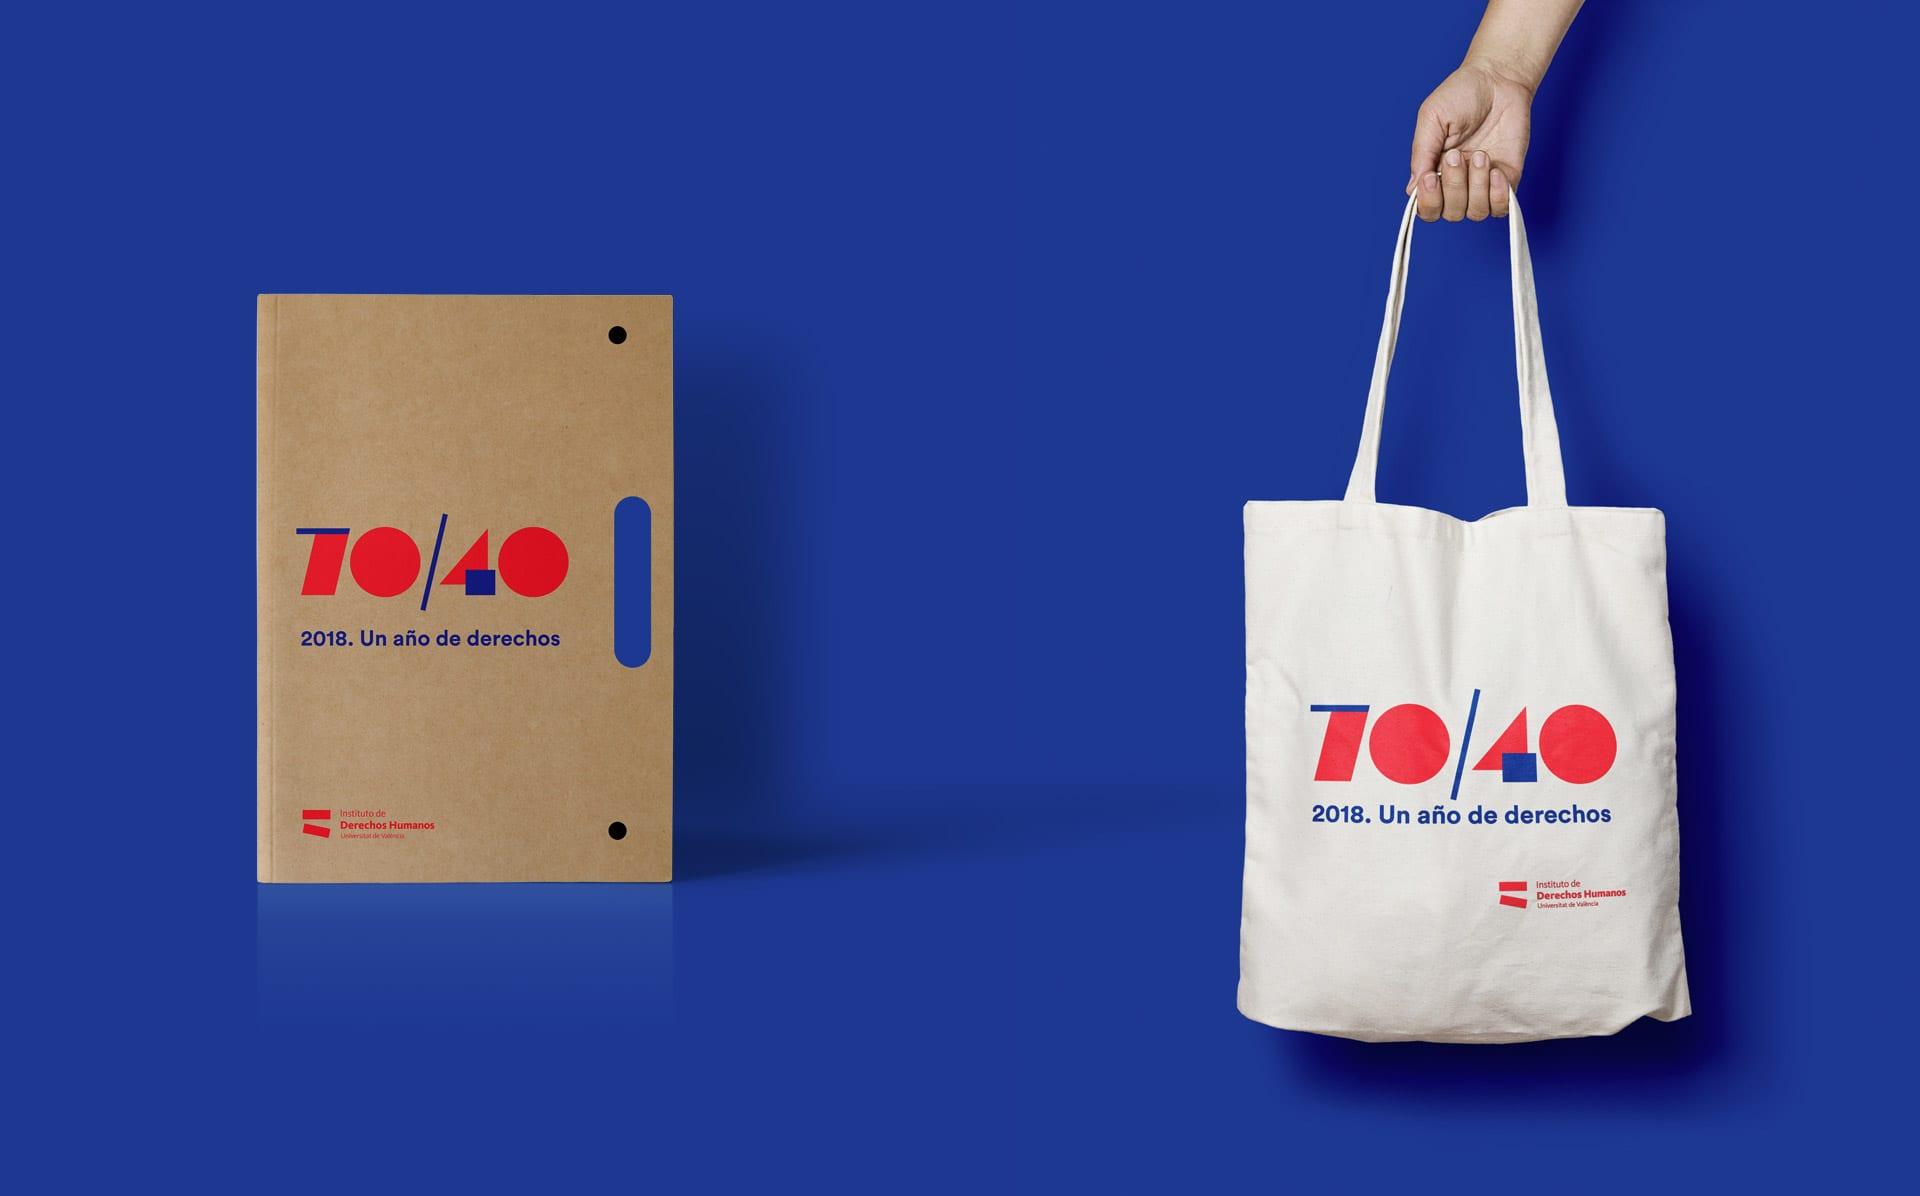 Branding y diseño de marcas para IDH